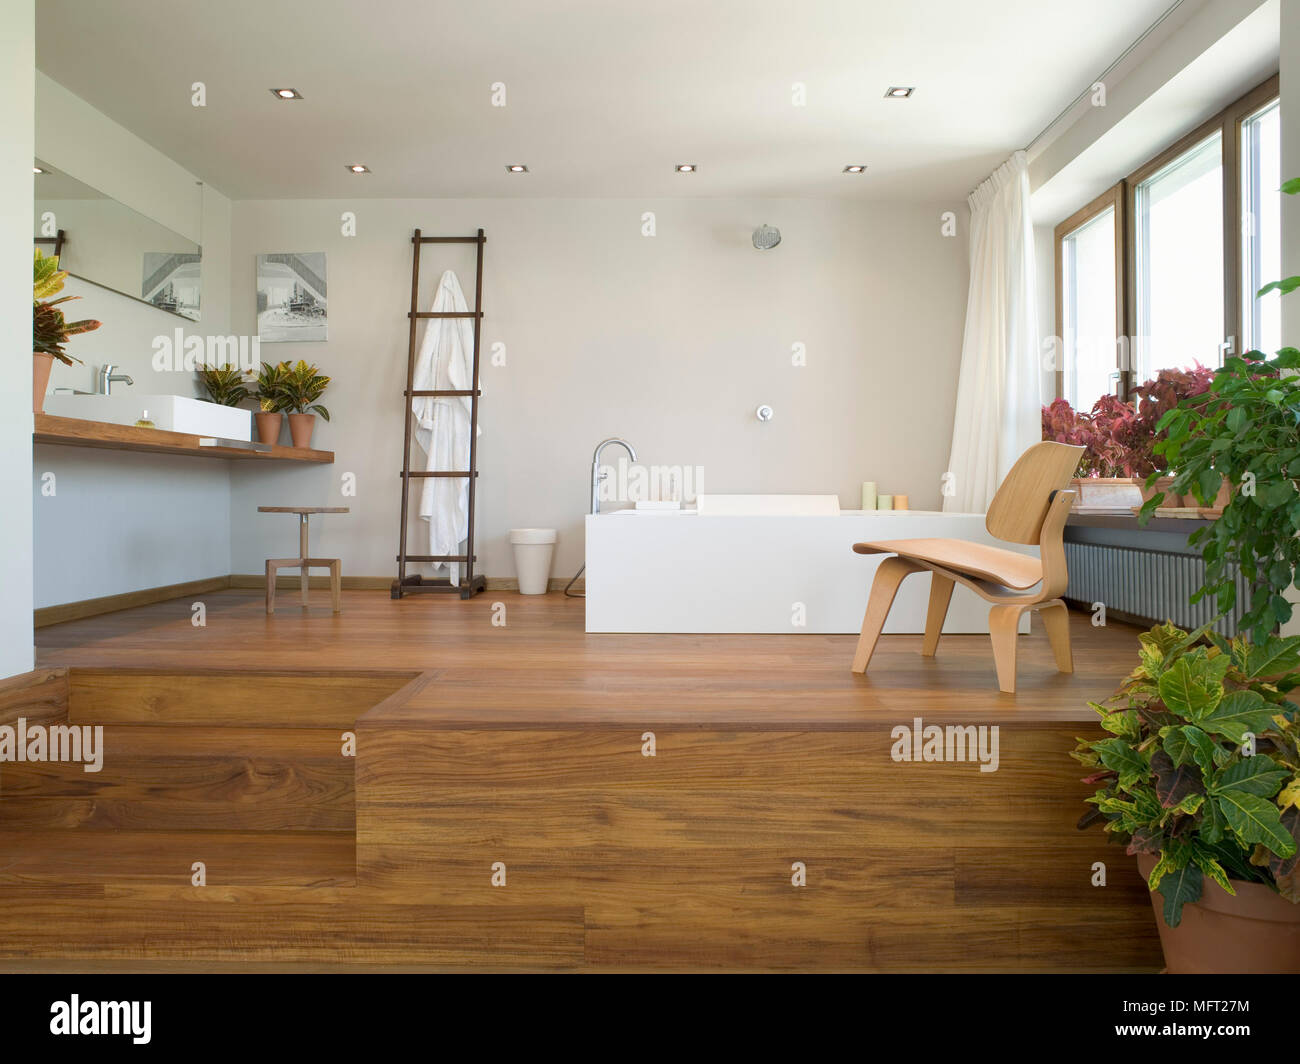 Vasca Da Bagno Rialzata : Aprire il bagno piano rialzato su piattaforma di legno con vasca